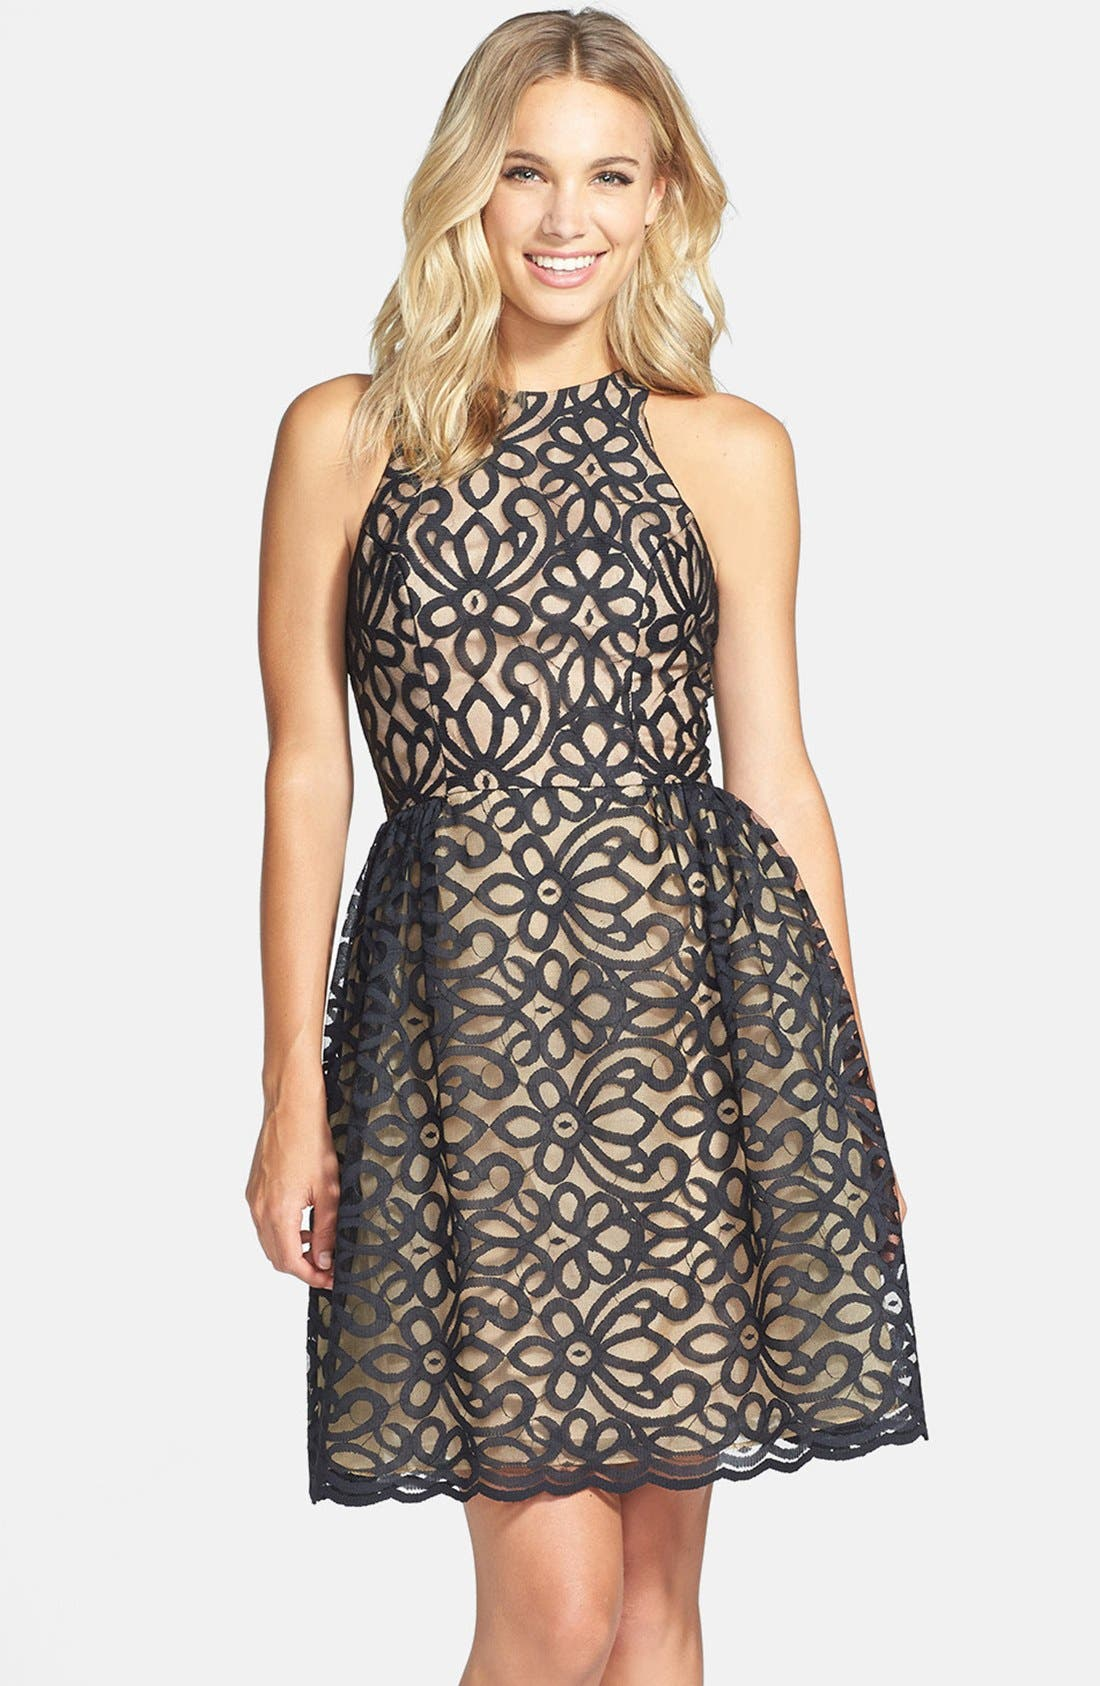 Alternate Image 1 Selected - ML Monique Lhuillier Bridesmaids Lace Fit & Flare Dress